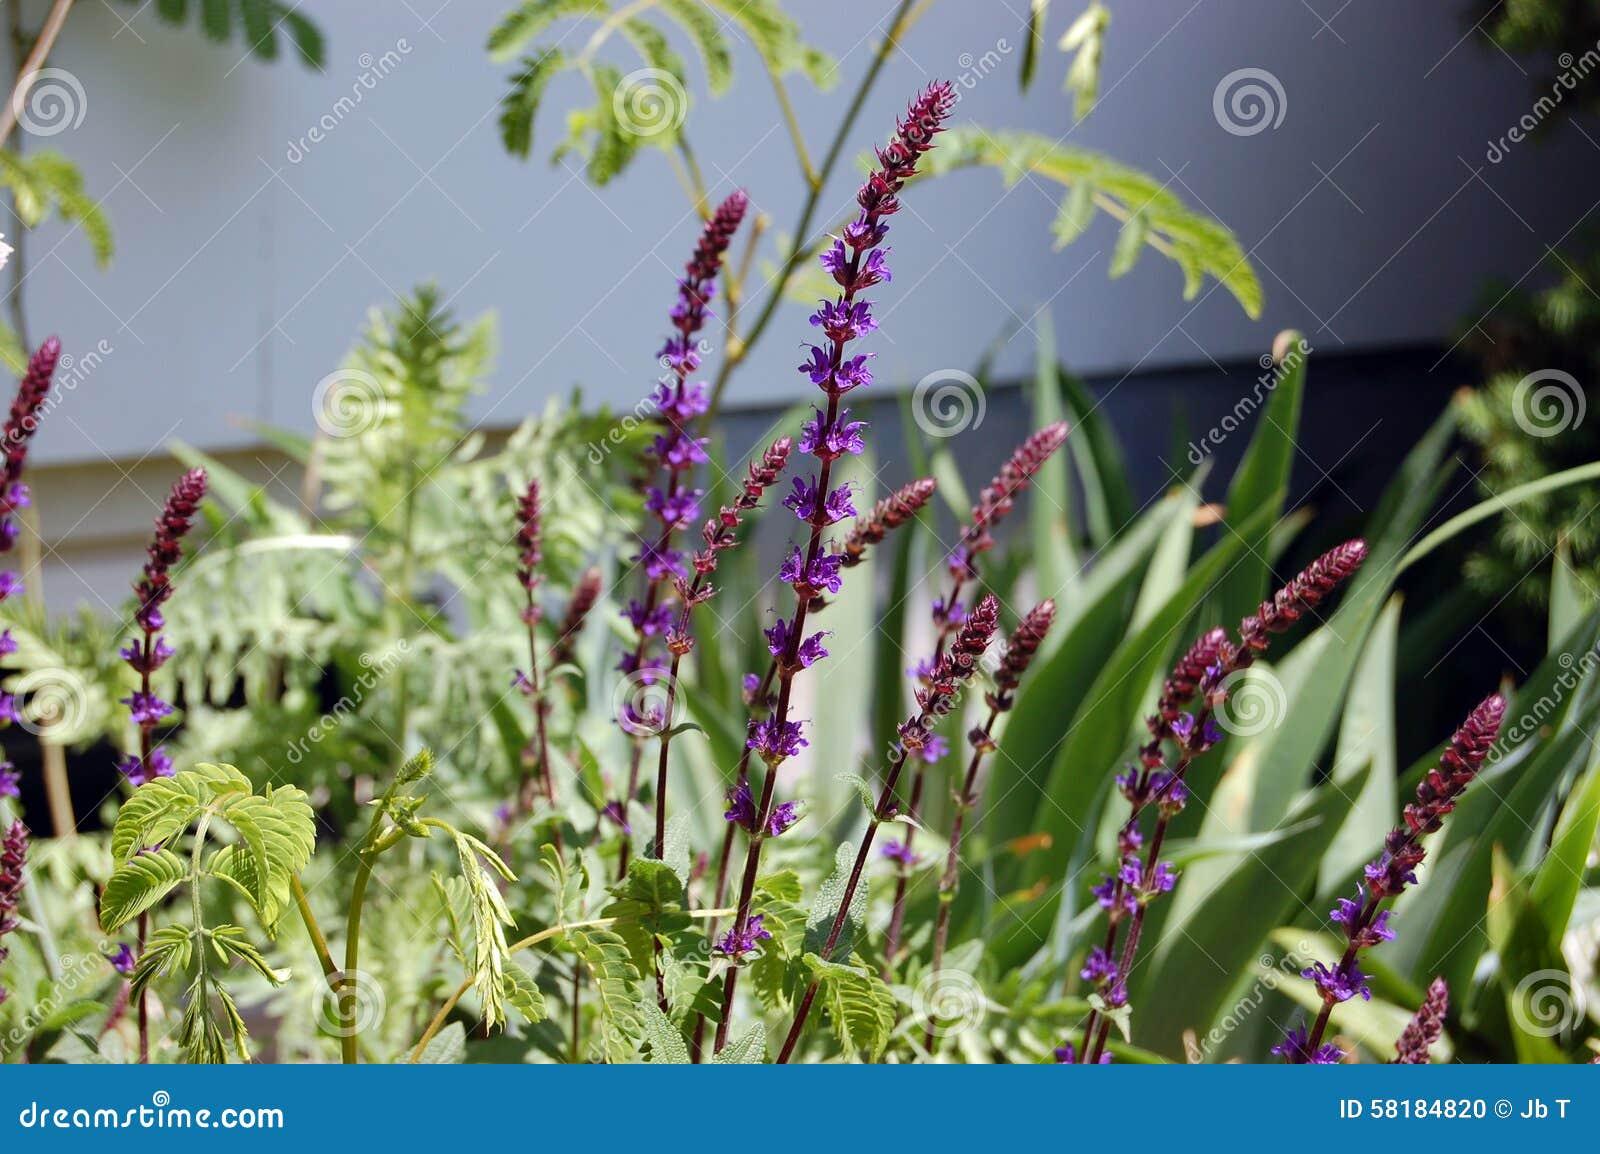 Backyard garden landscape fuzzy purple flower stalk stock photo backyard garden landscape fuzzy purple flower stalk mightylinksfo